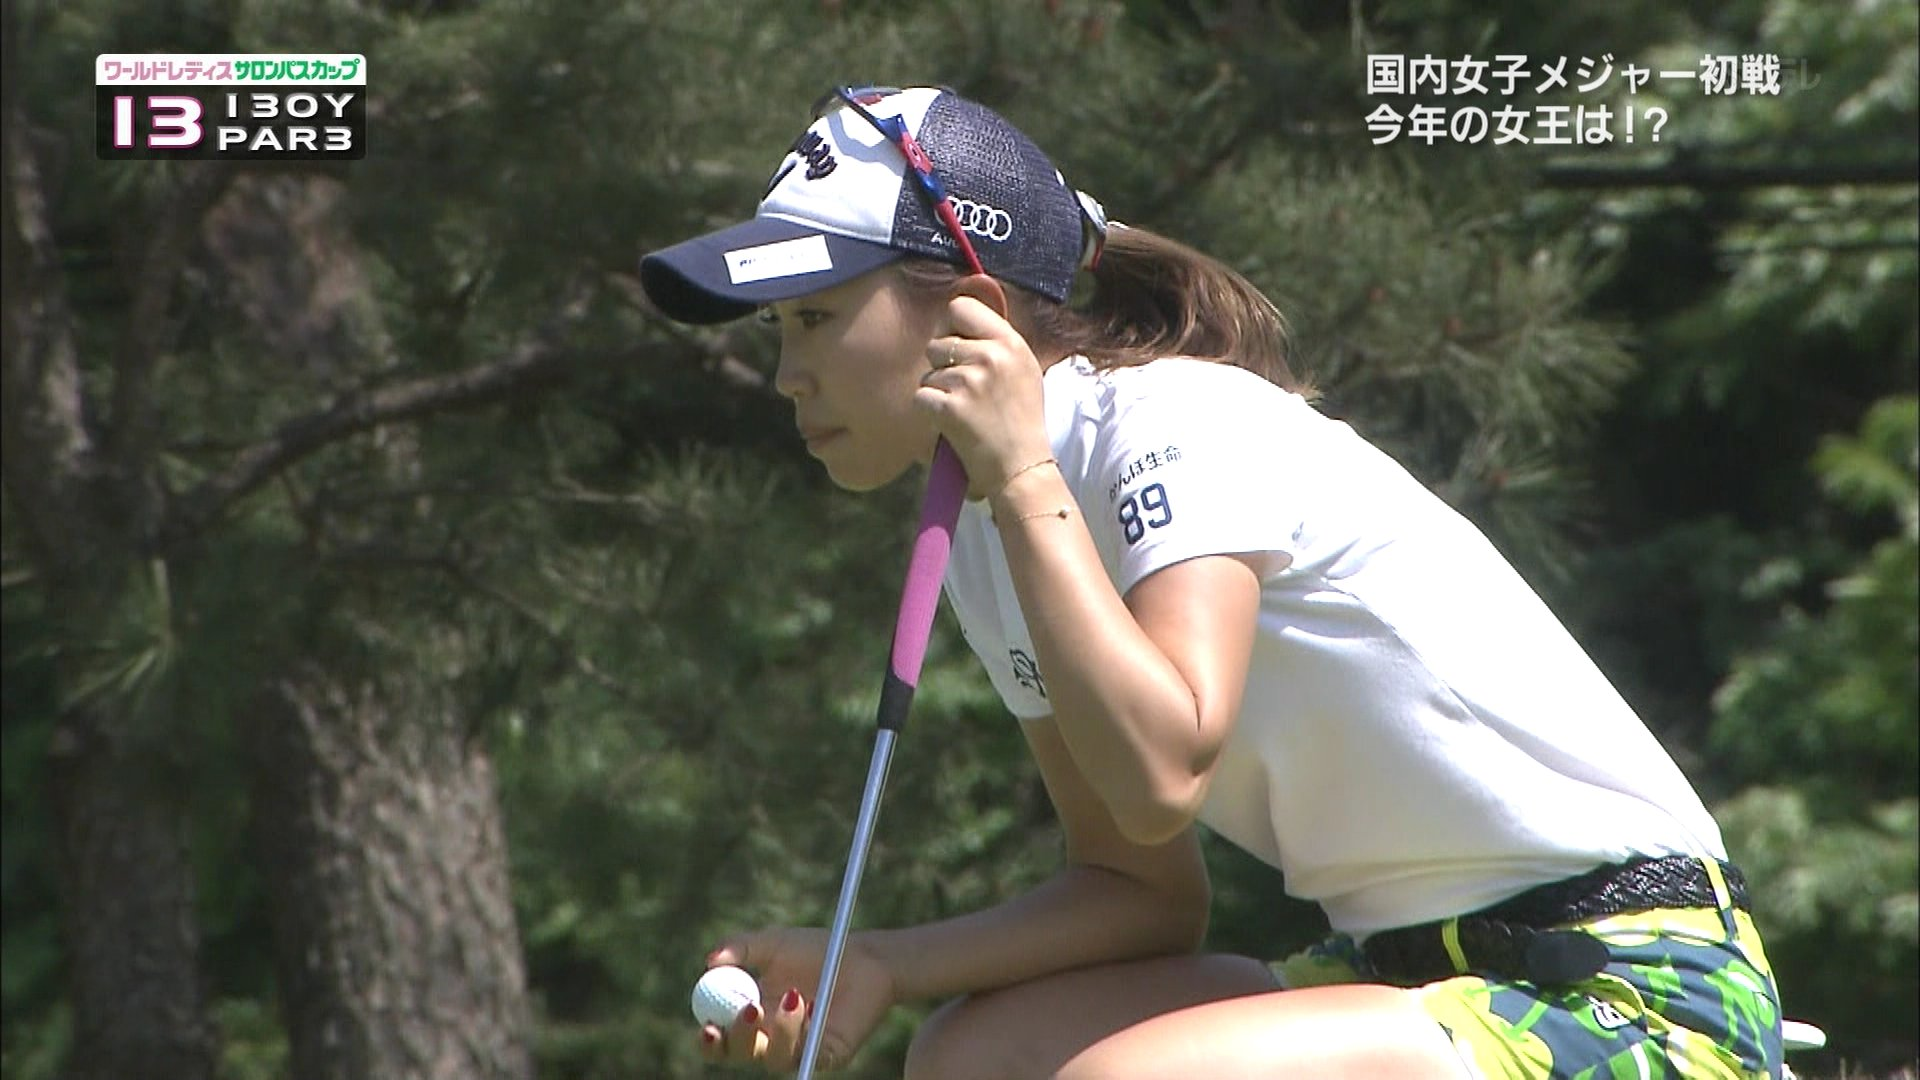 上田桃子 ワールドレディース サロンパスカップ 0013